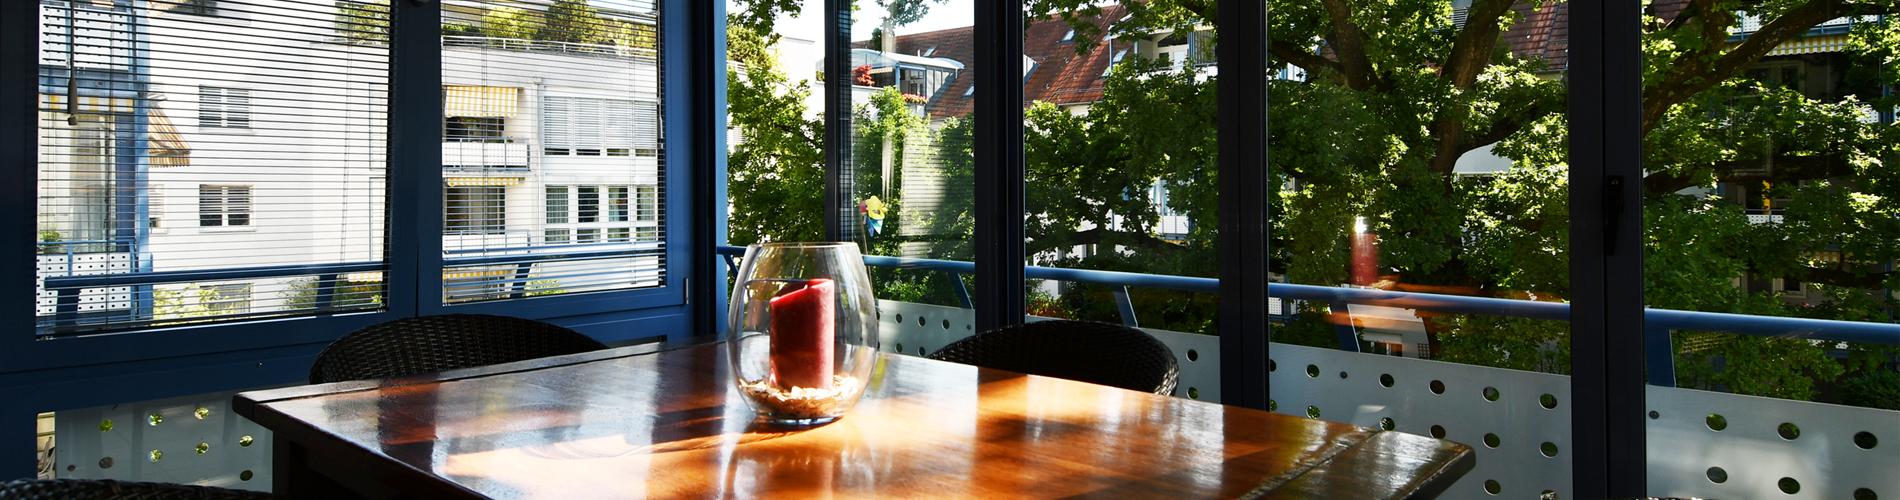 Hübsche 3-Zi'-Wohnung mit Wintergarten in Binningen